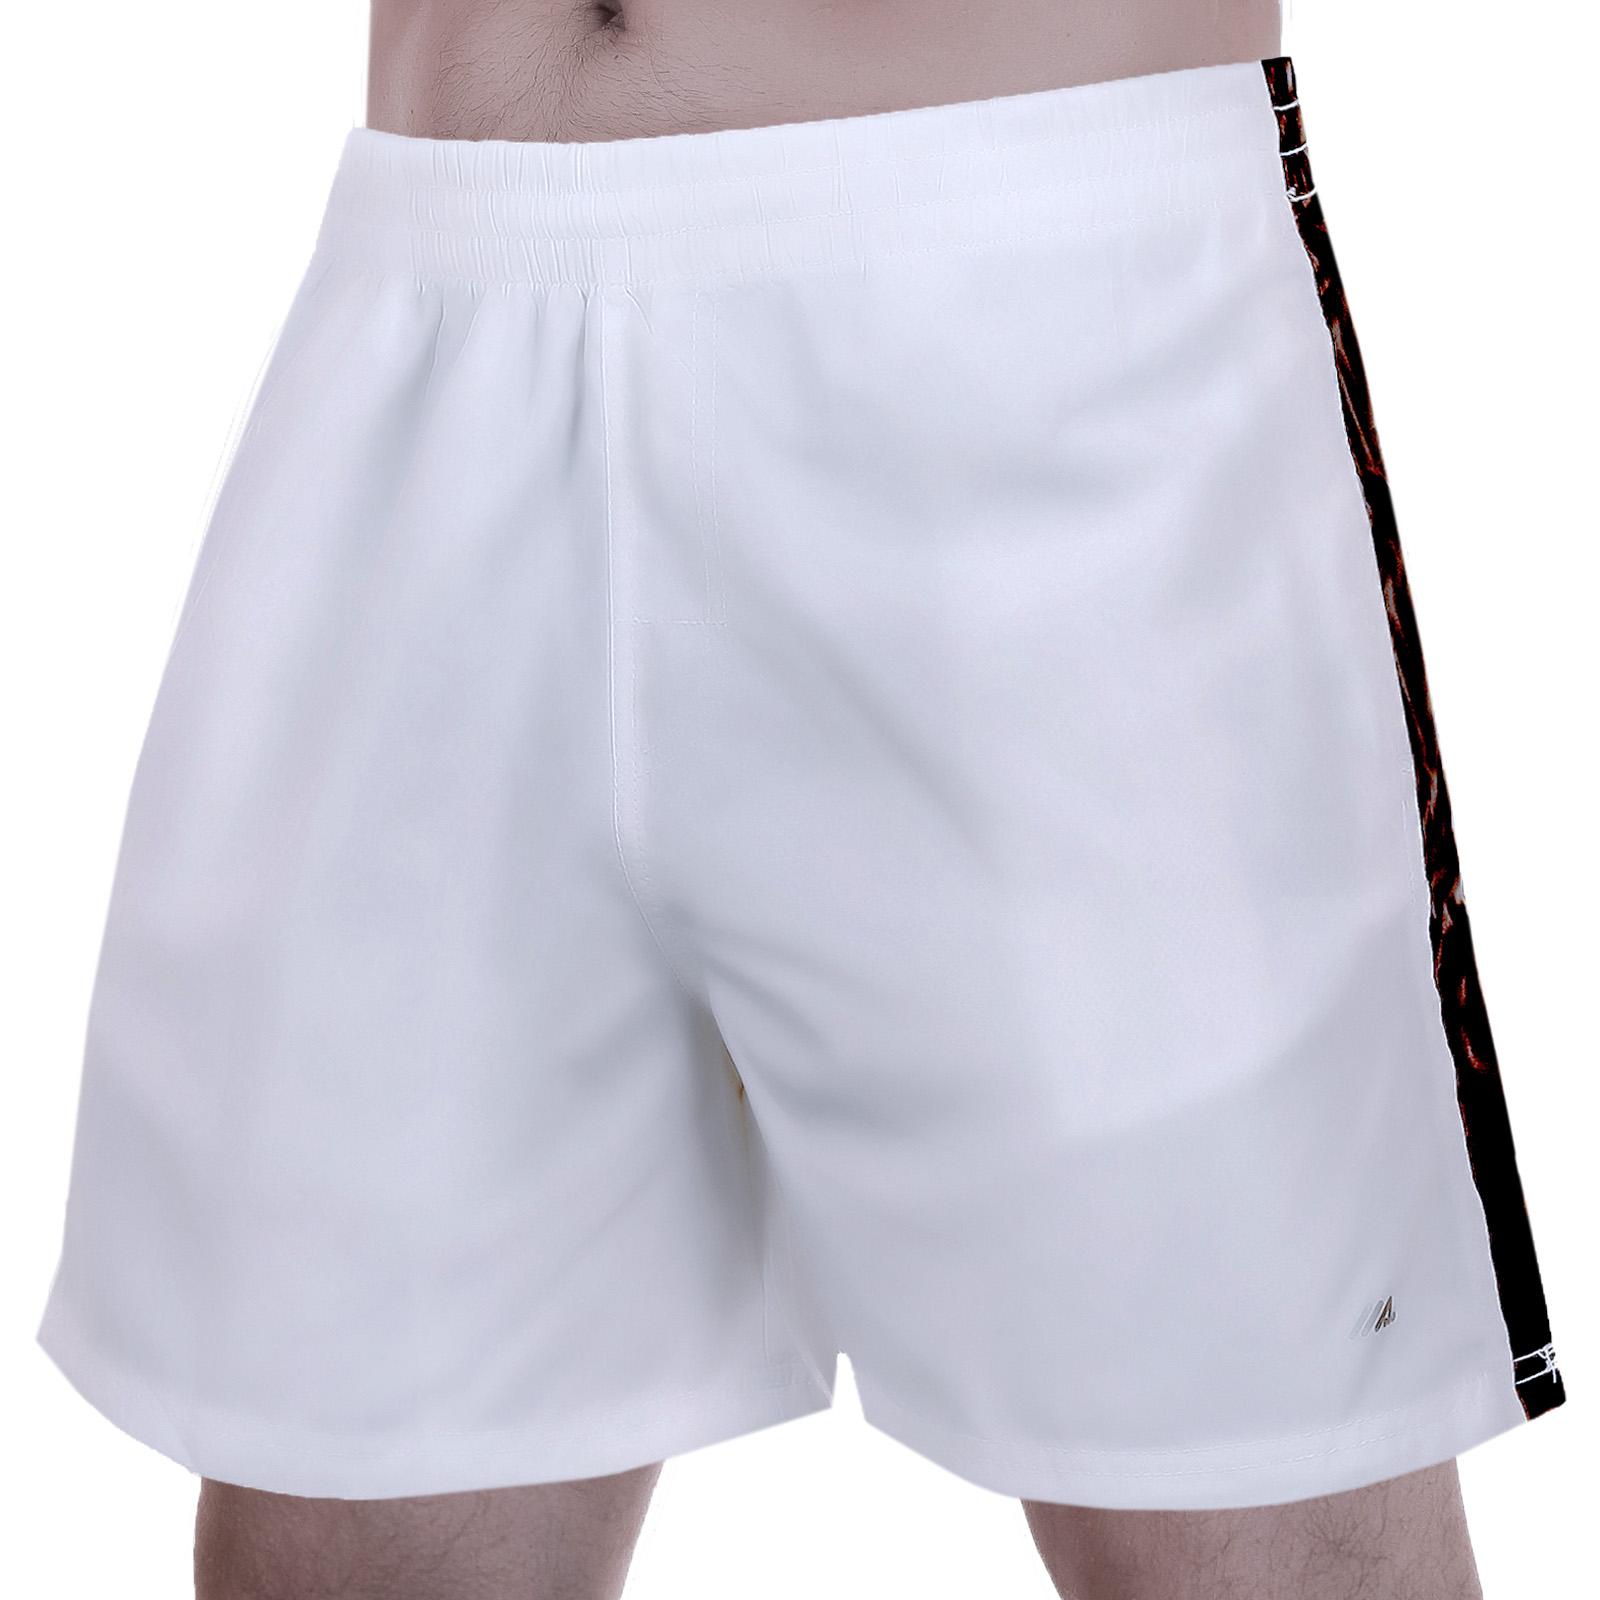 Щегольские белые шорты из Канады от MACE, оторвись на всю катушку!